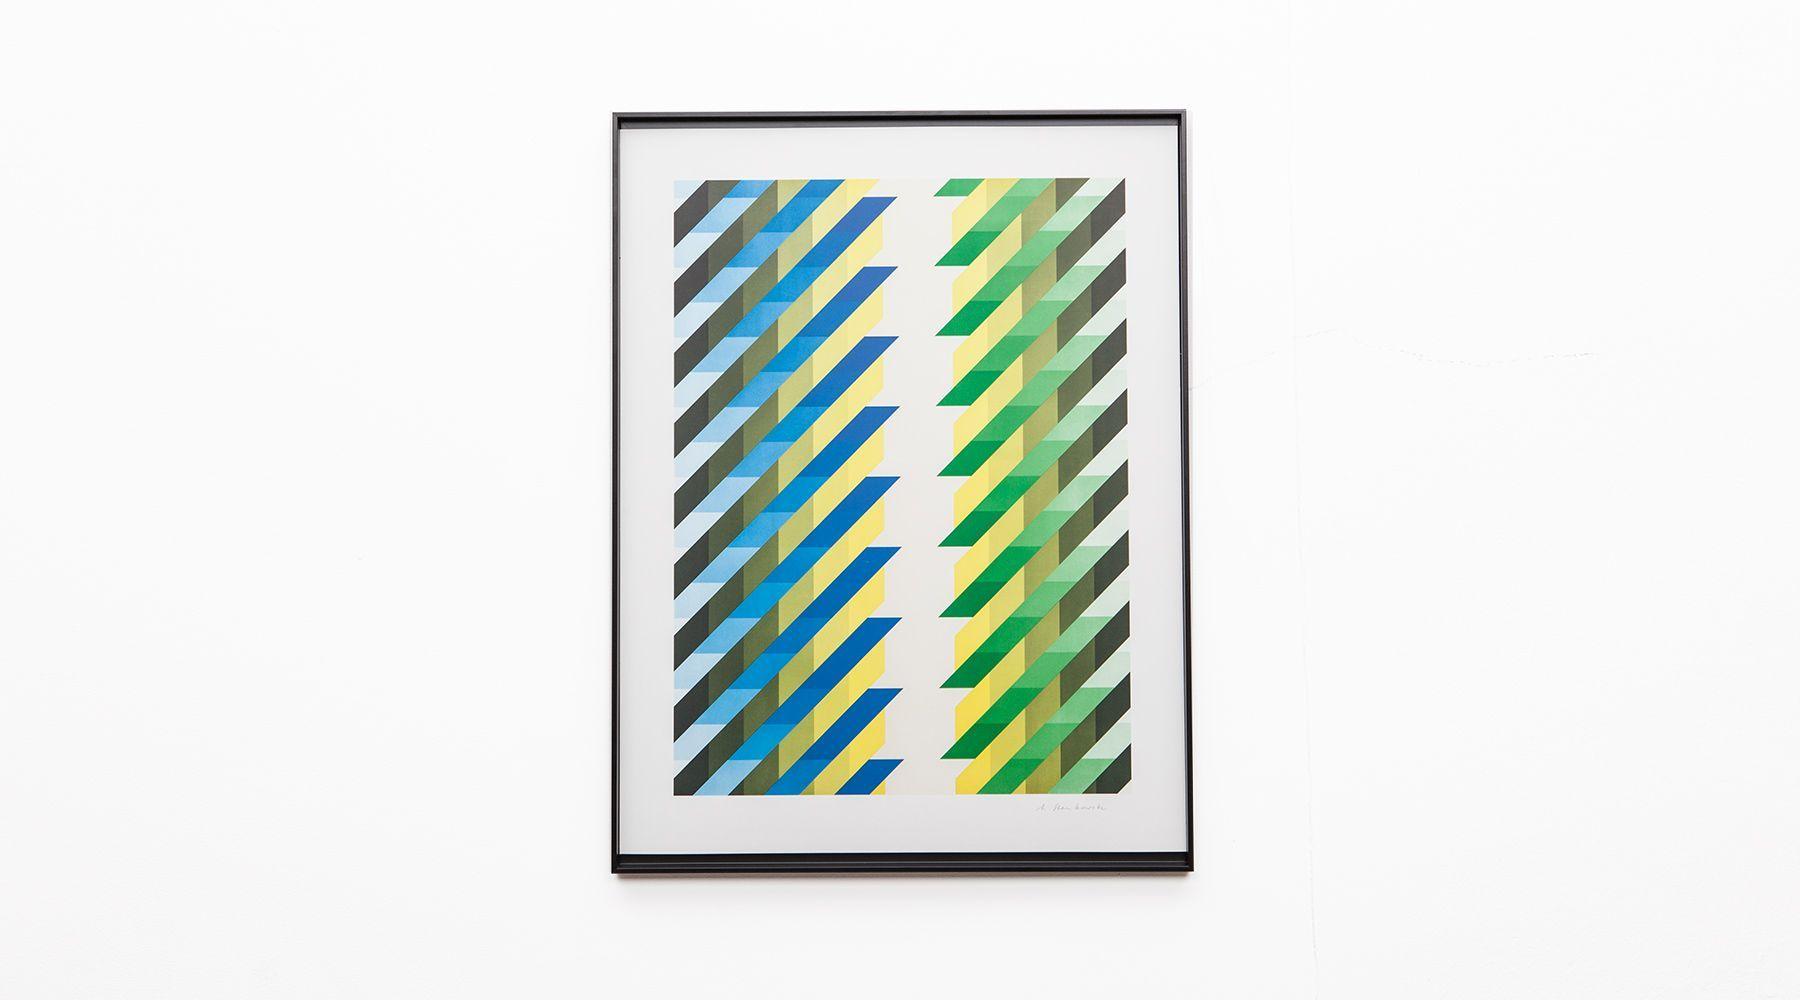 serigraphy a selected design objects fine art interior design frank landau. Black Bedroom Furniture Sets. Home Design Ideas